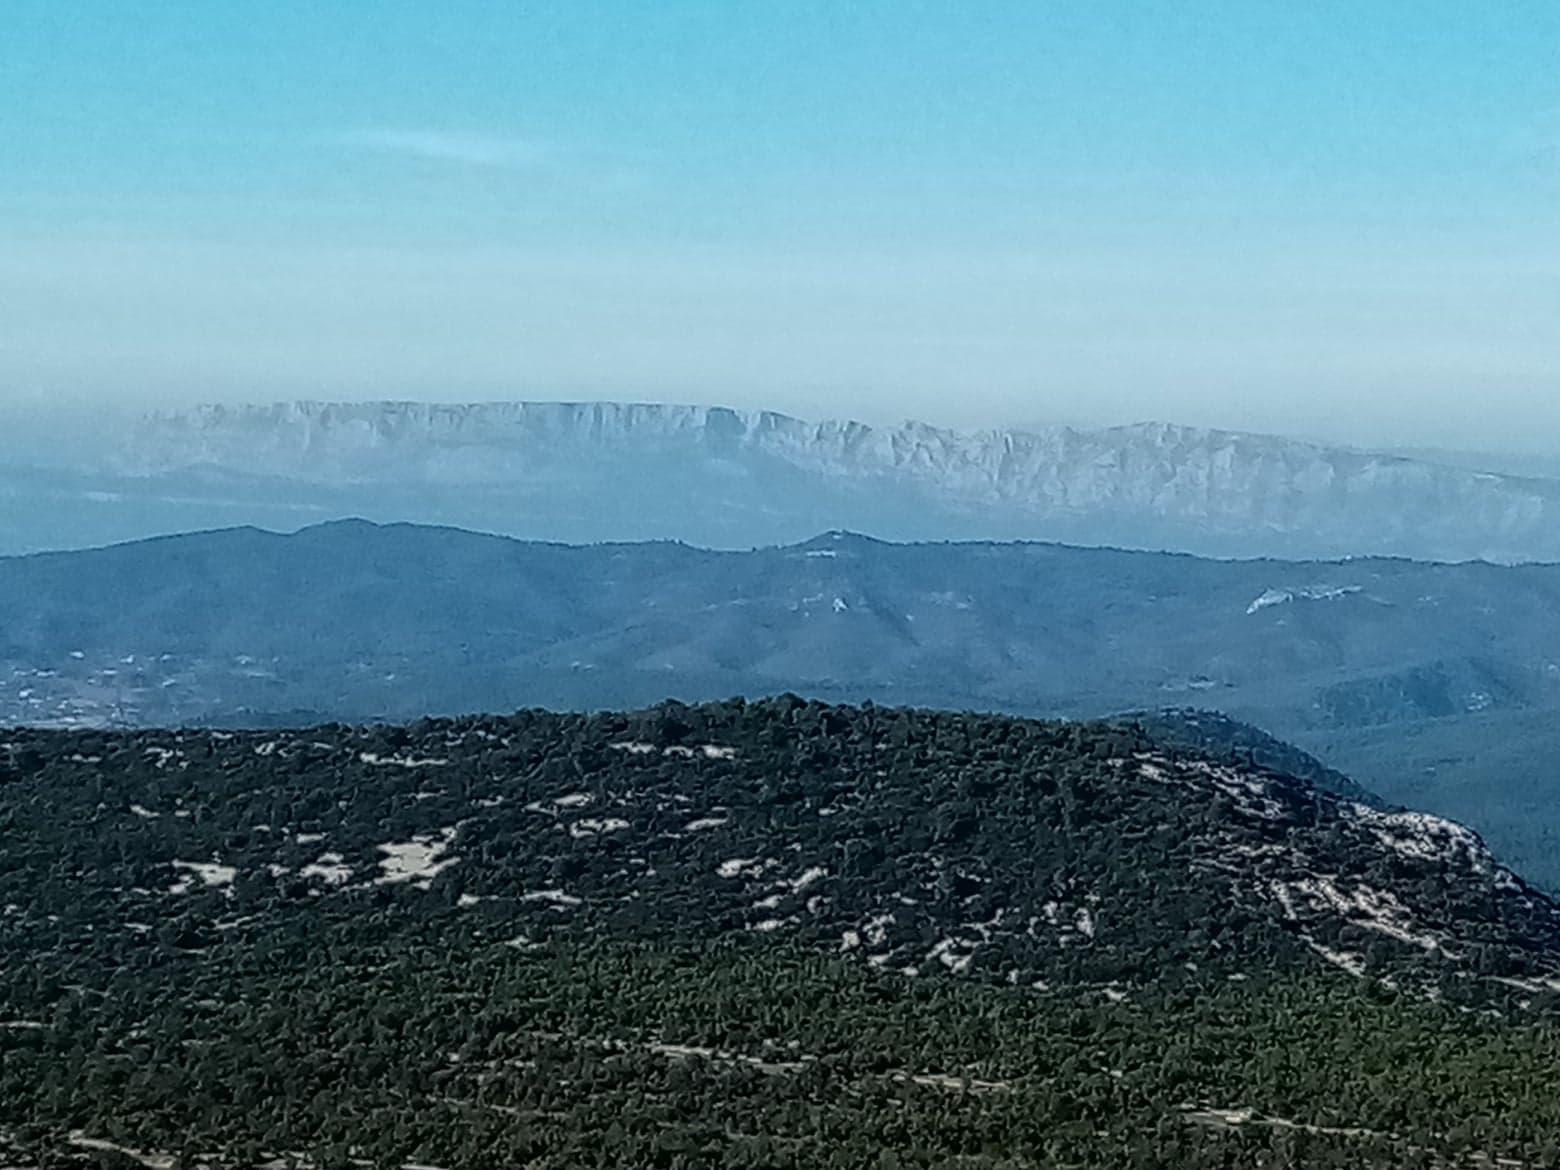 Une montagne au-dessus de la Méditerranée